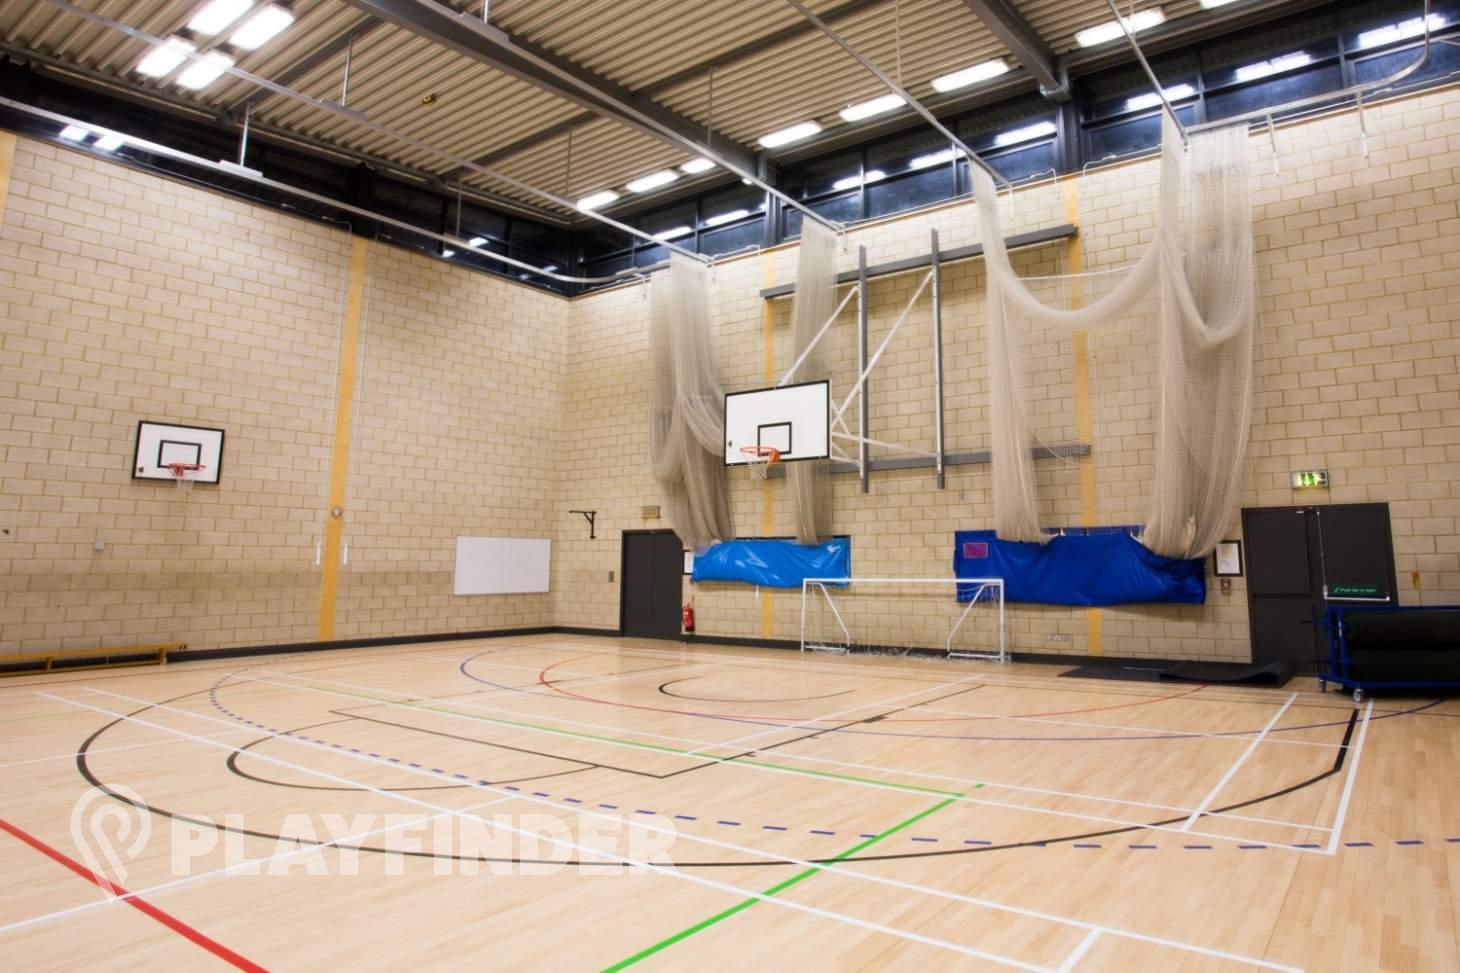 Brentside High School Indoor basketball court